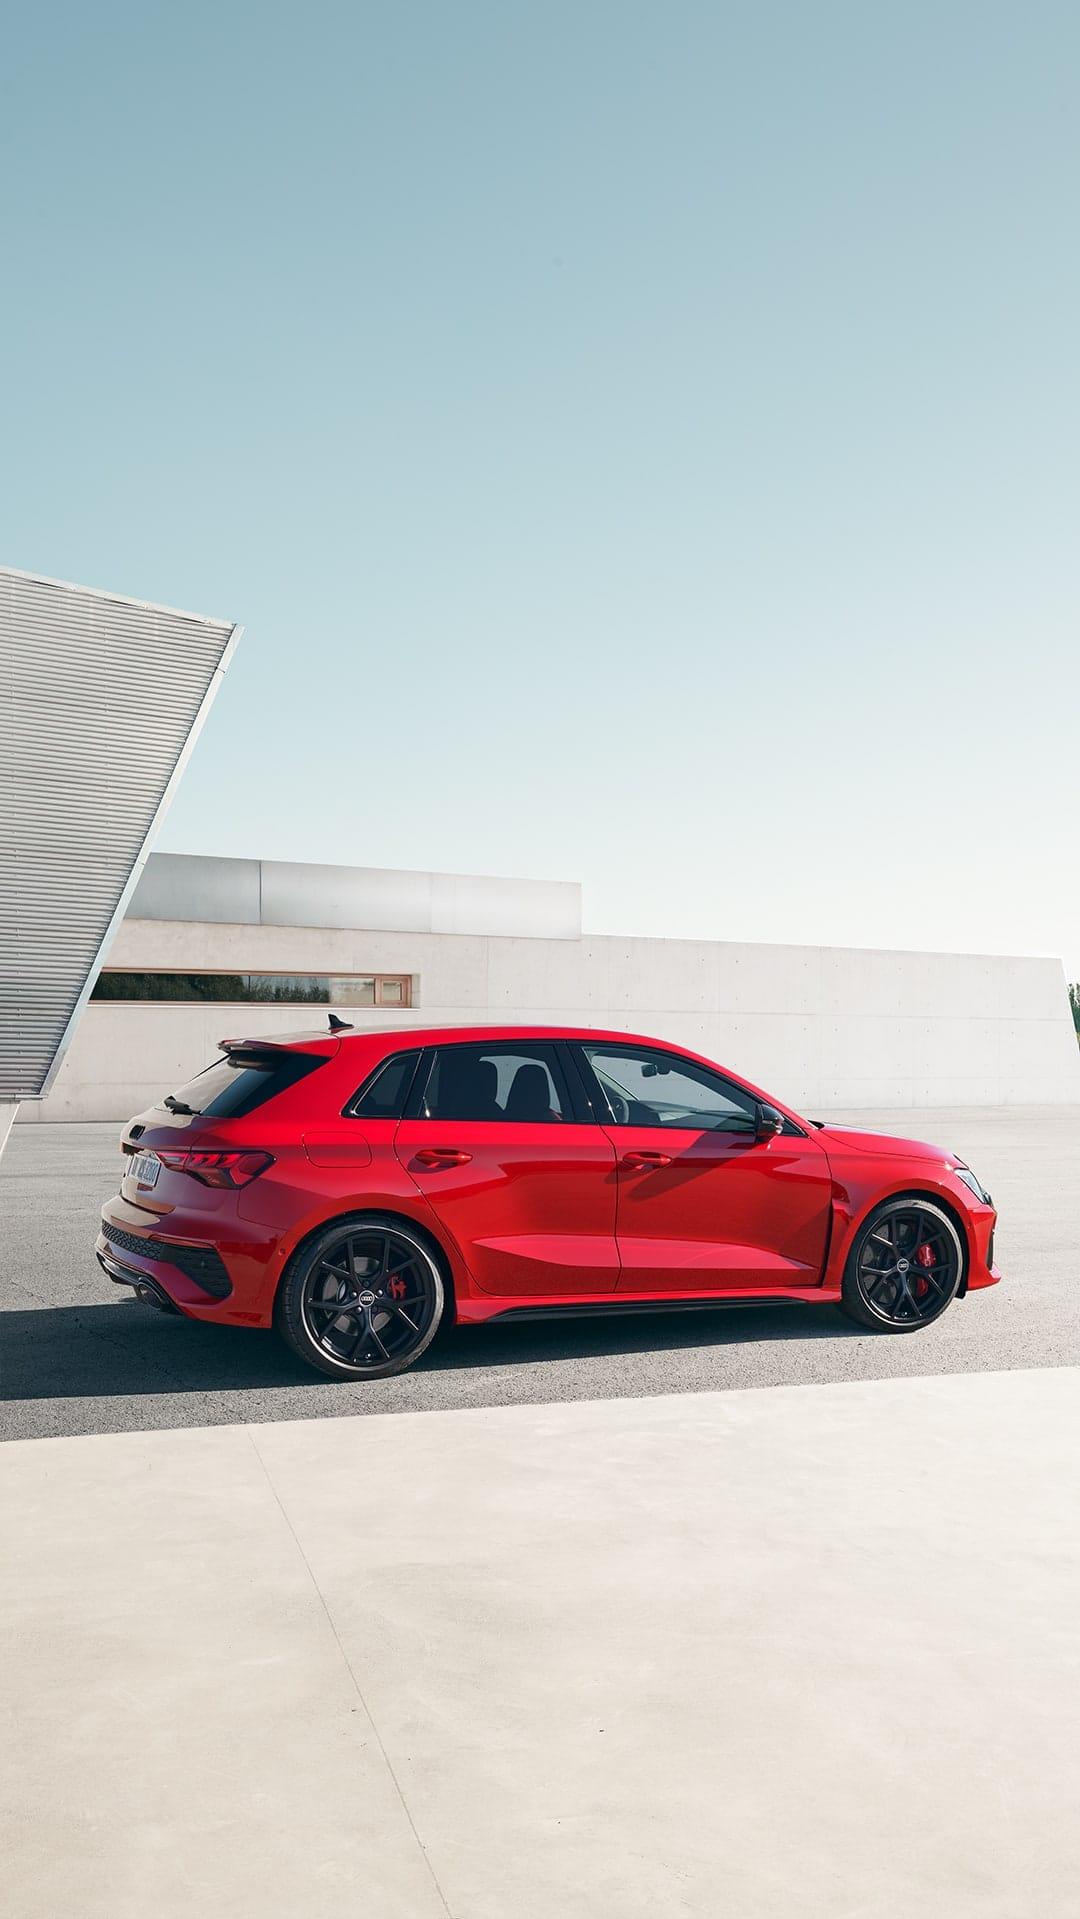 سيارة RS 3 Sportback الجديدة كليًّا